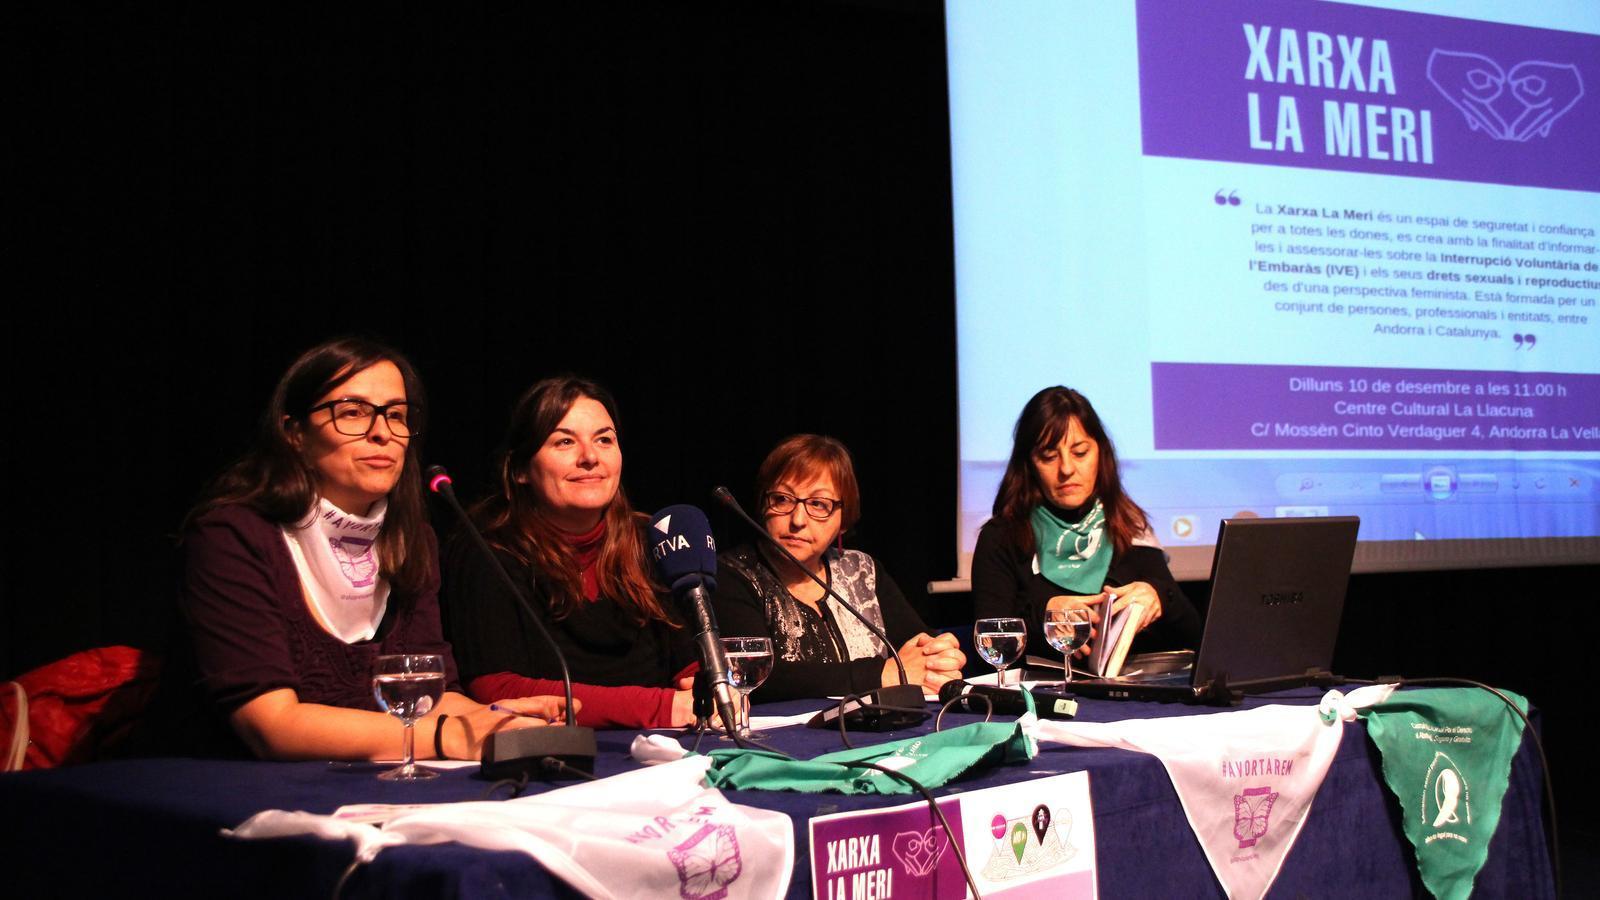 Un moment de la presentació de la Xarxa La Meri. / M. F.